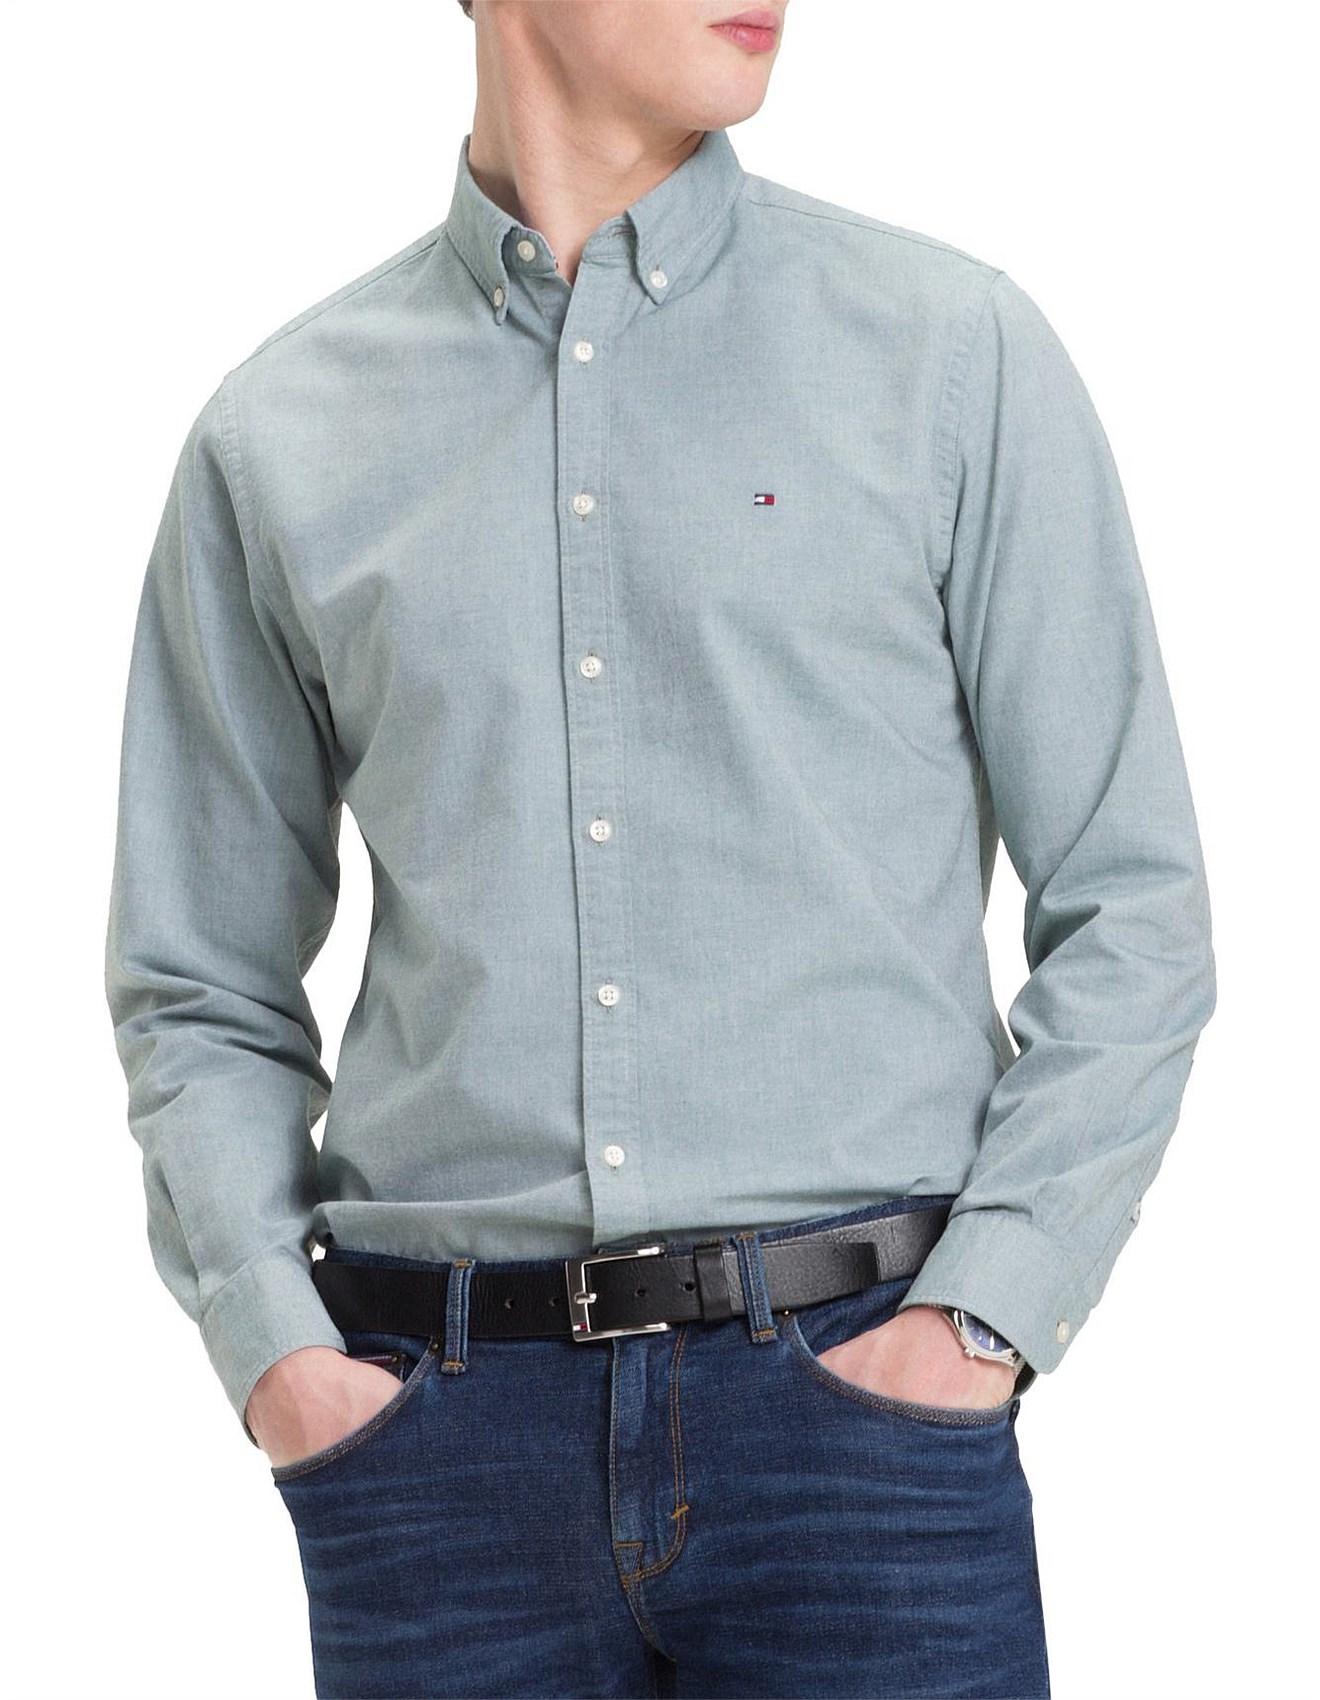 Men S Fashion Sale Suits Business Shirts More David Jones